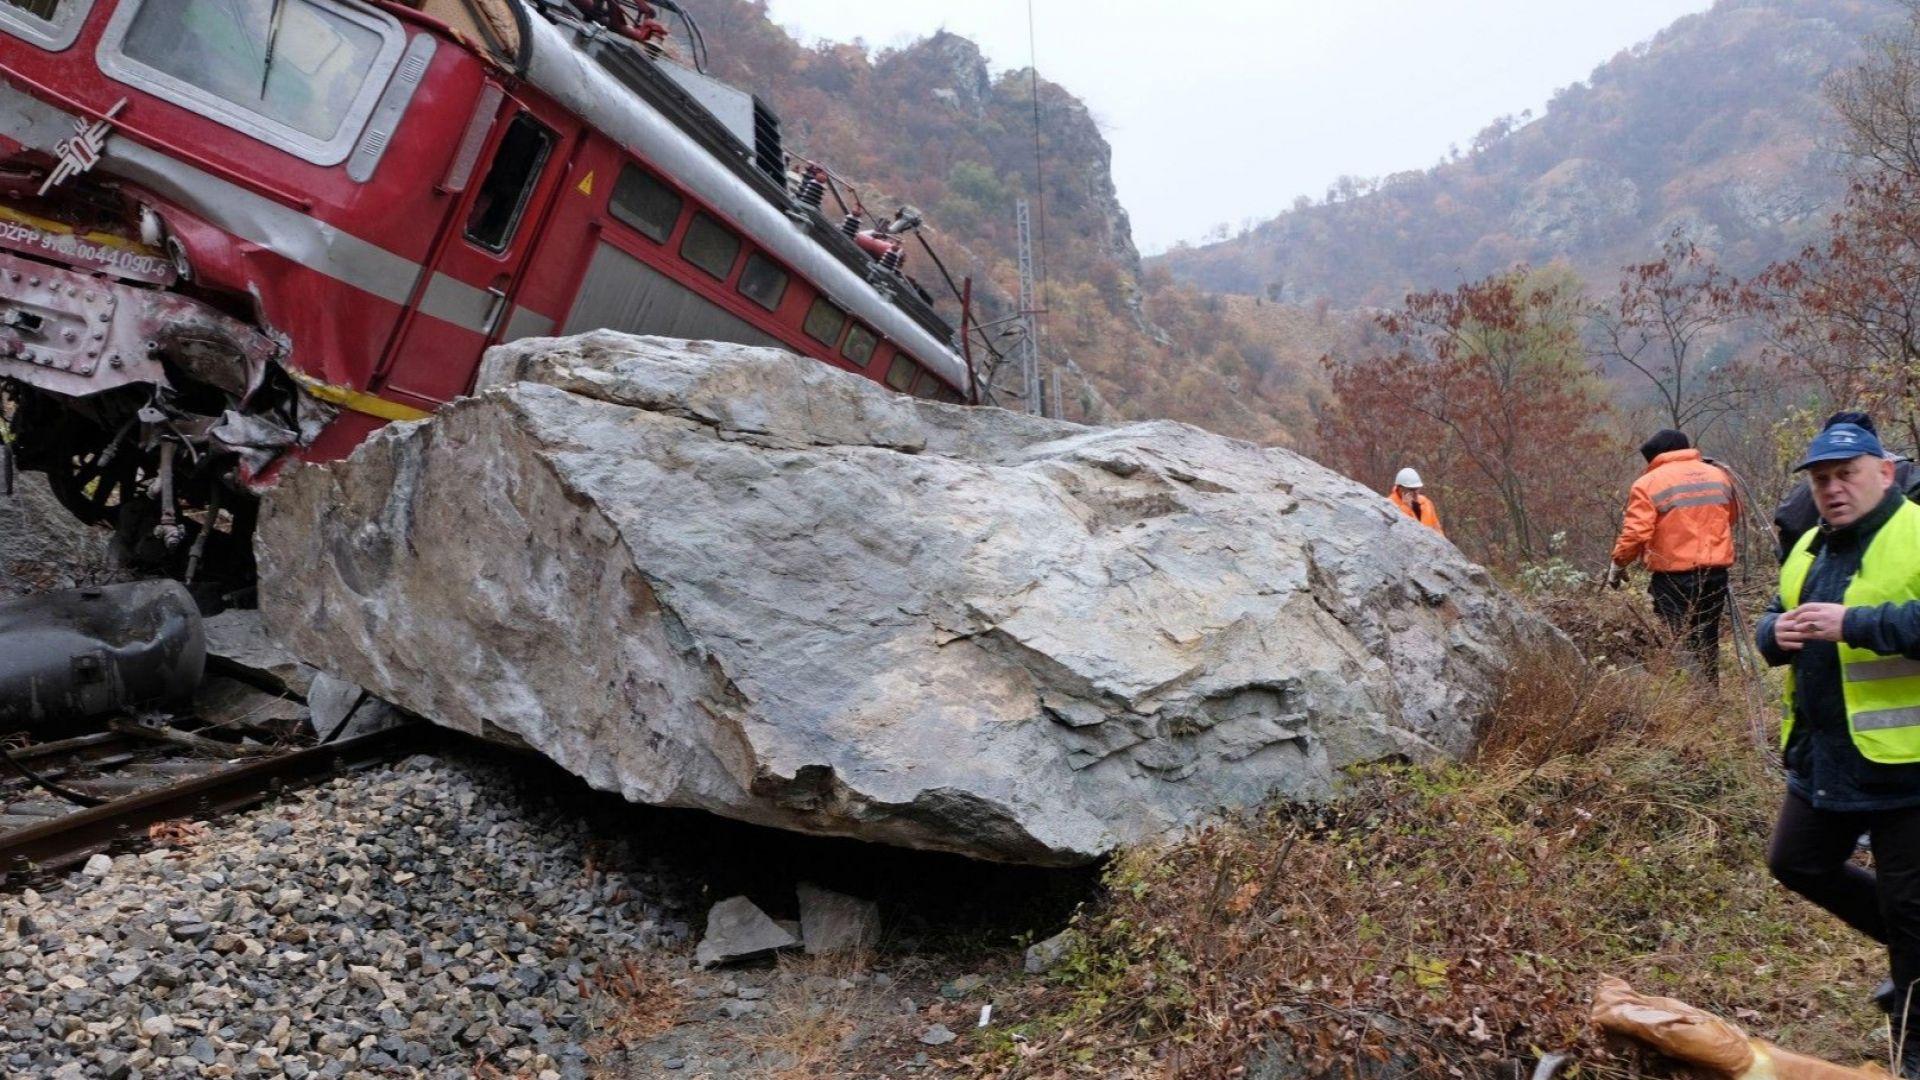 Няколко души са отговорни за огледа на железните пътища, заяви